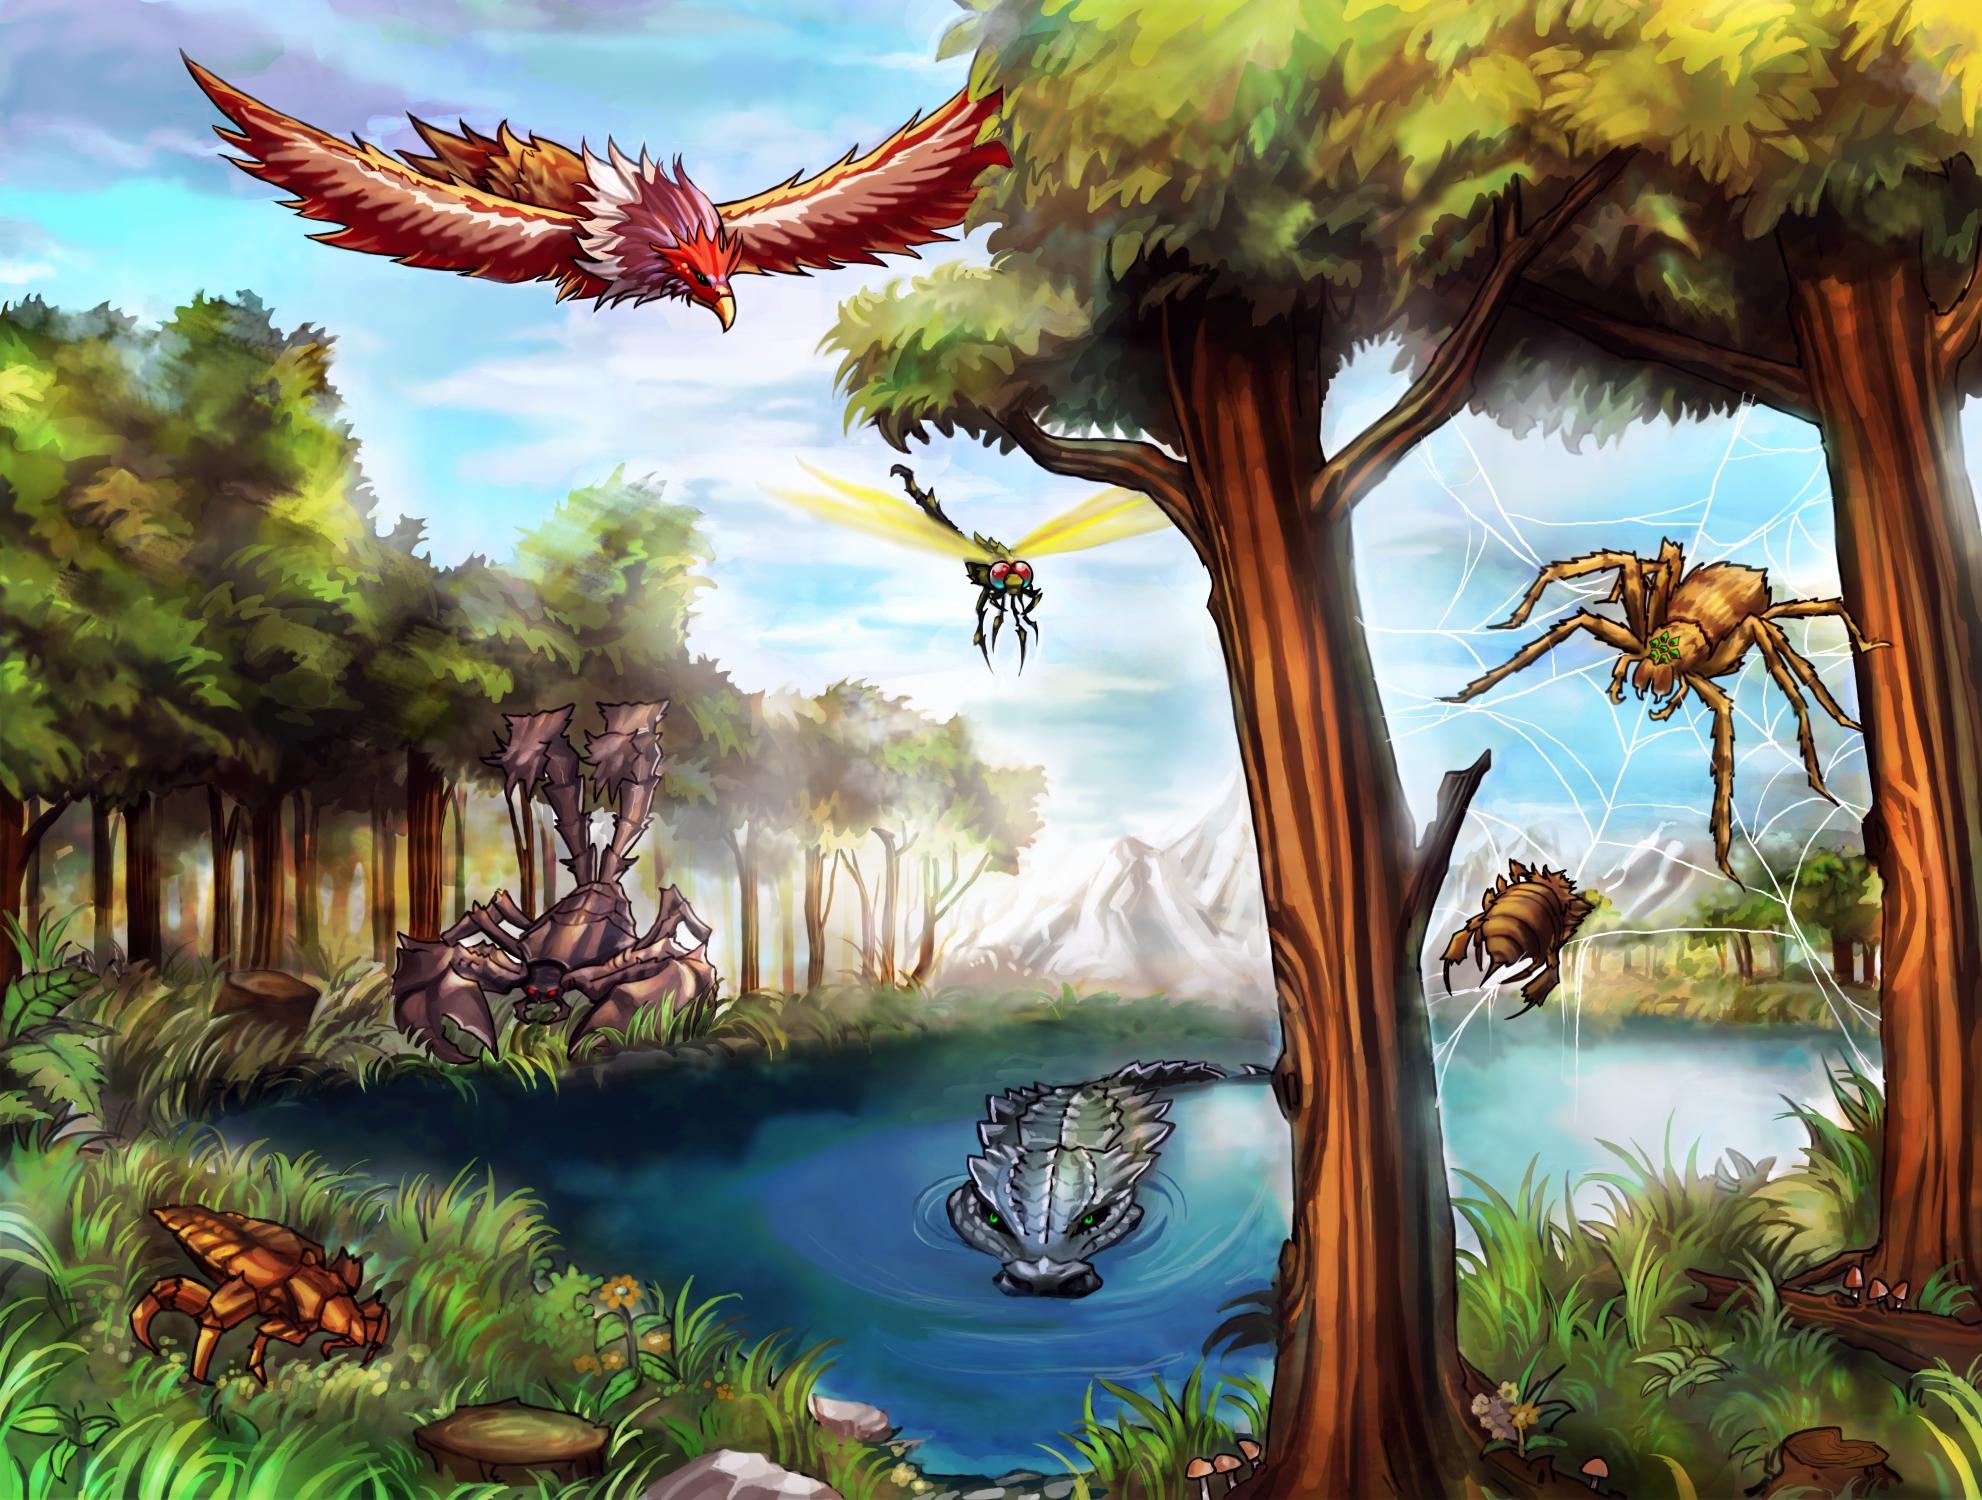 Forest Habitat by GleamingScythe on DeviantArt